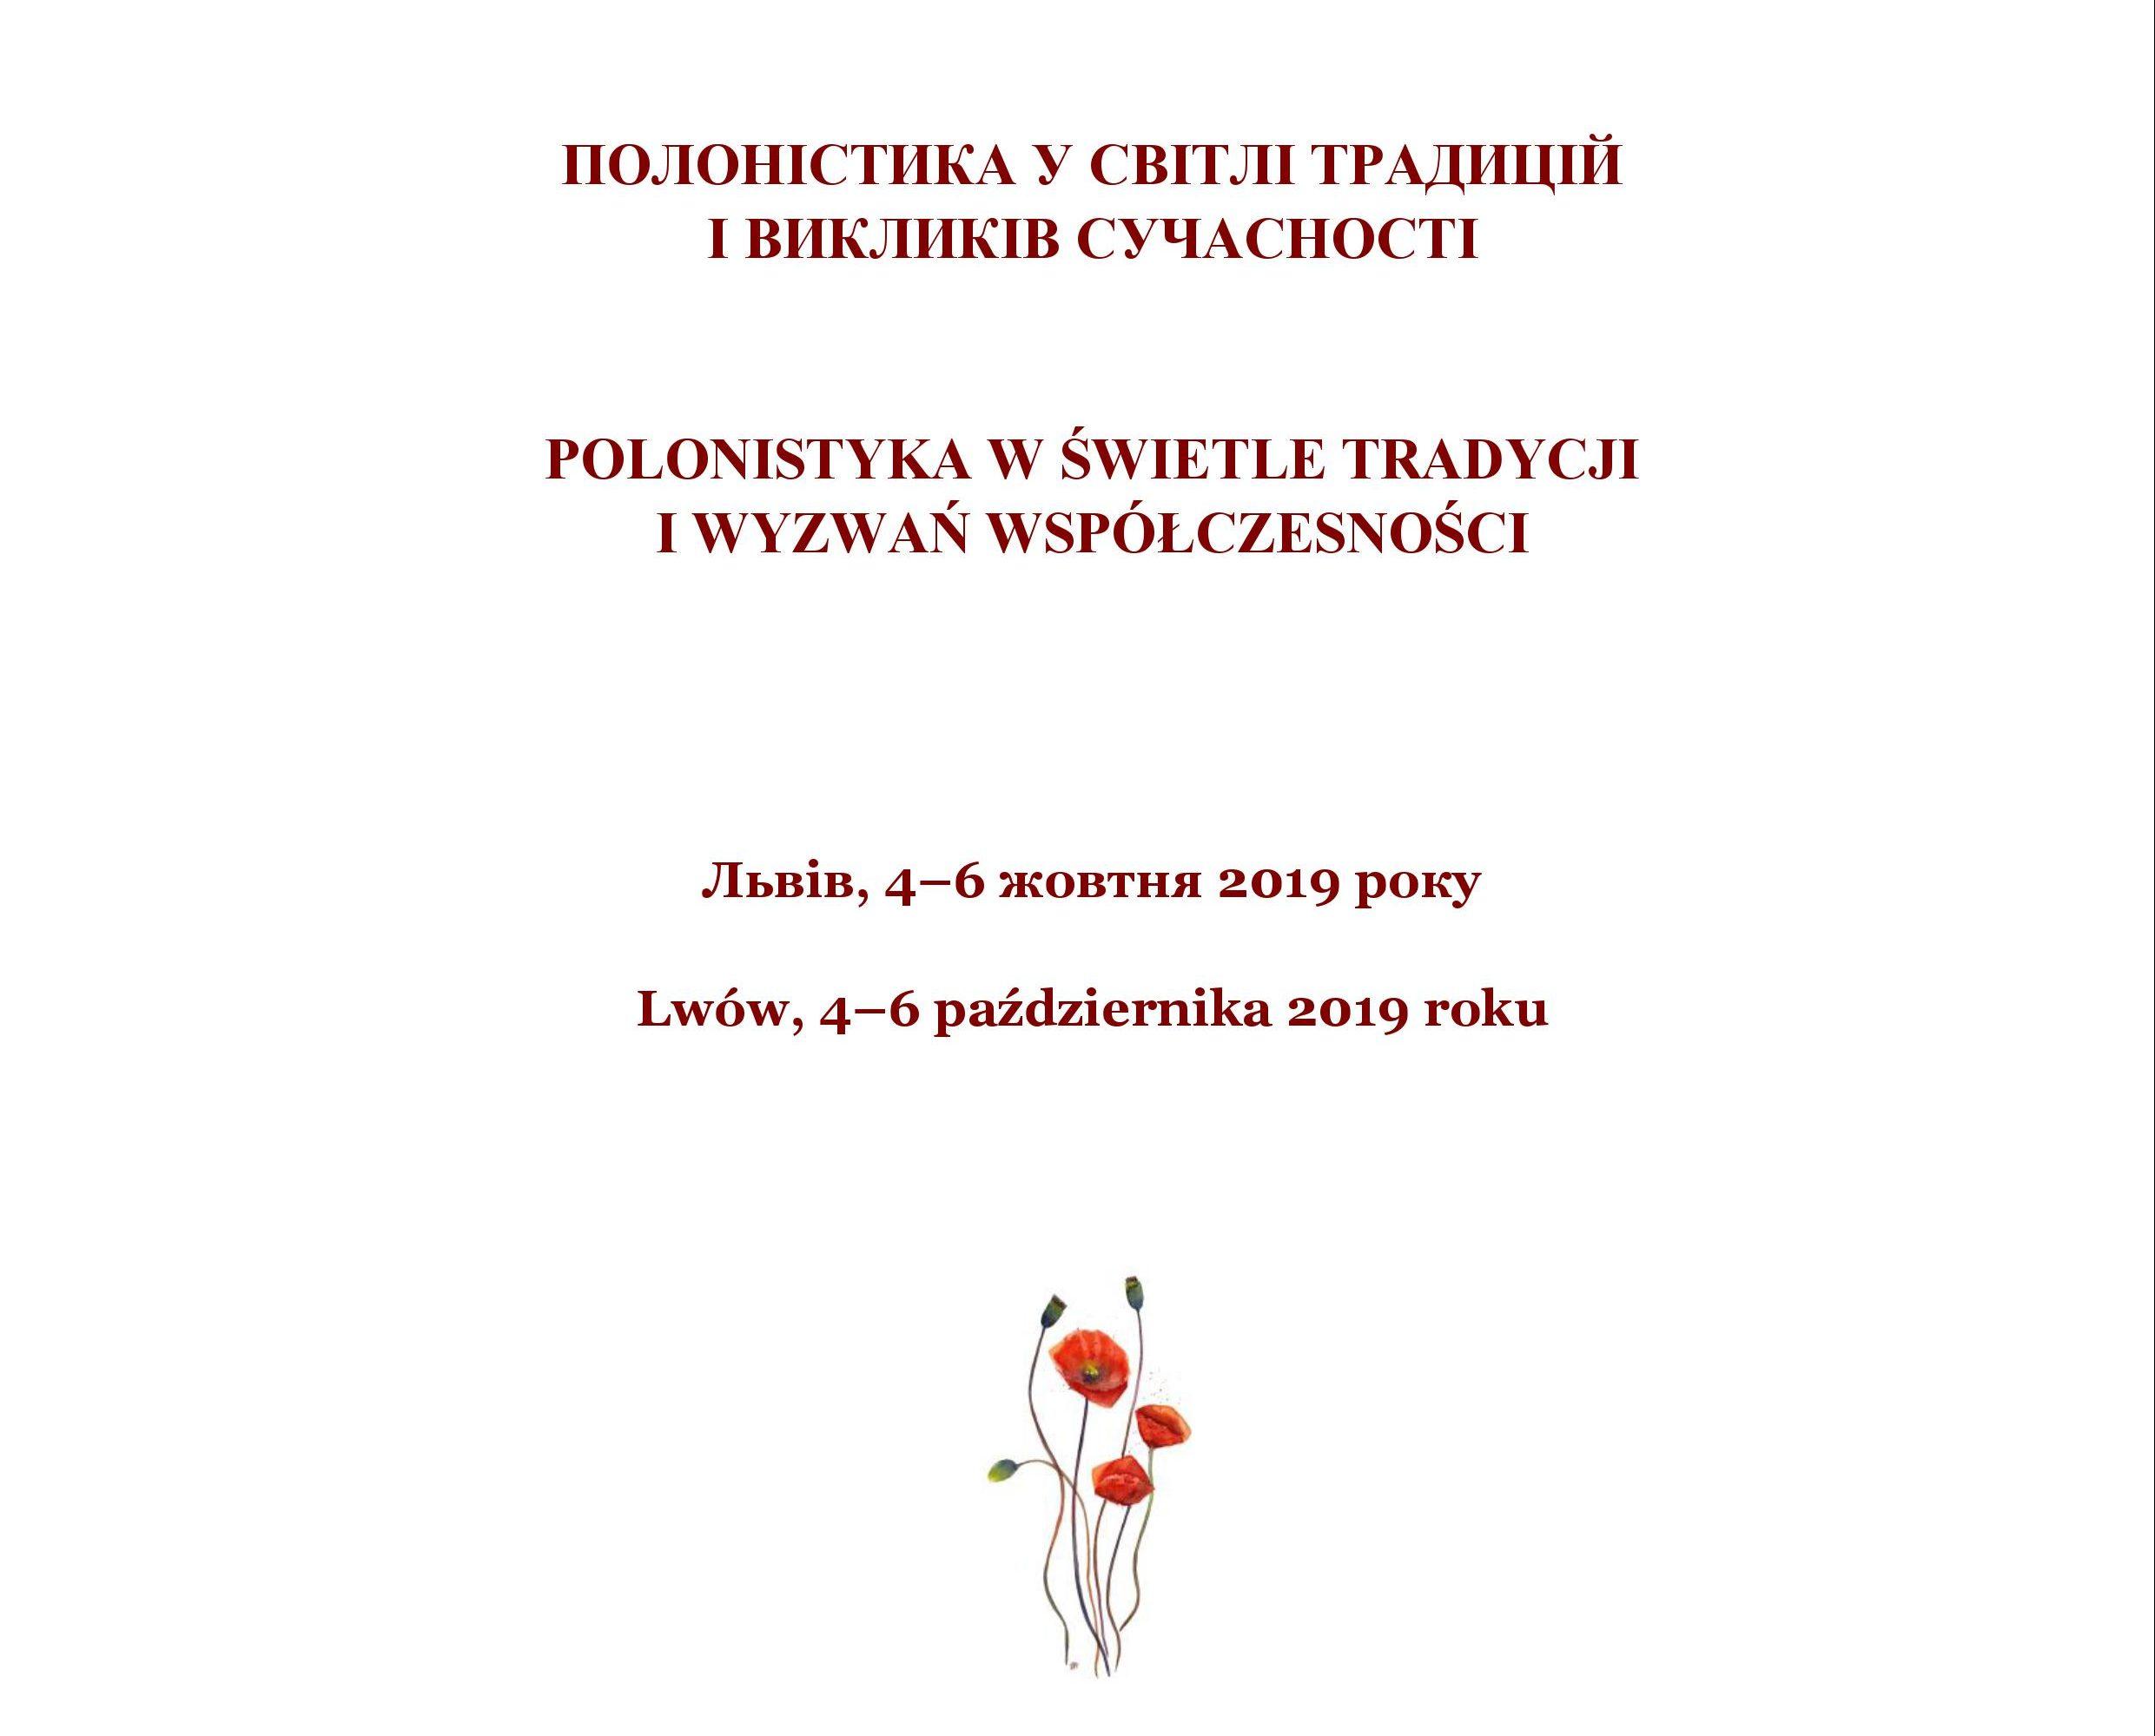 MIĘDZYNARODOWA KONFERENCJA NAUKOWA z okazji 15-lecia Katedry Filologii Polskiej